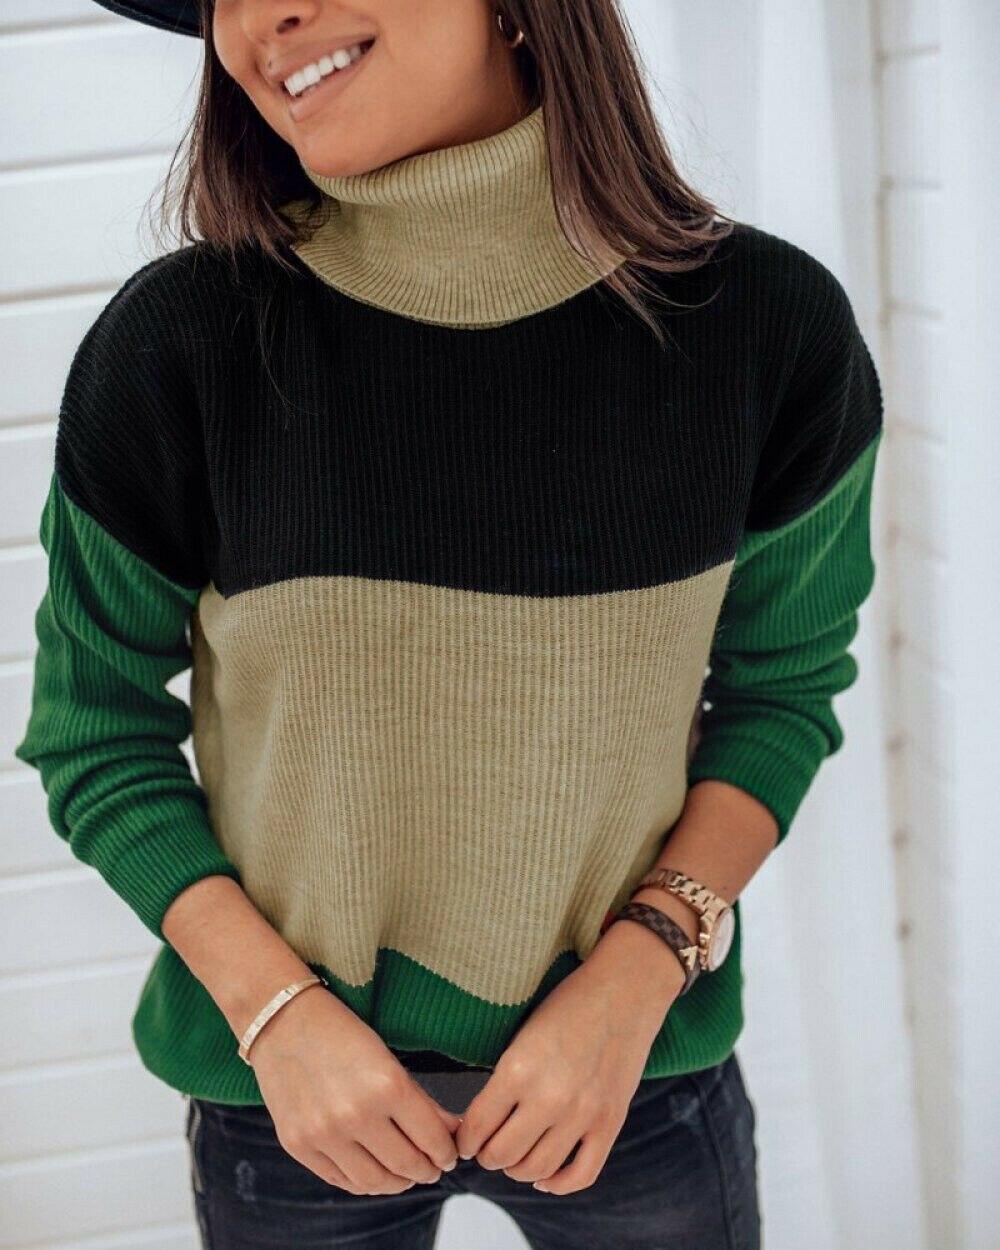 Women's Sweaters Turtlenck  Long Sleeve Dark Green Splice Knitted Jumper  Knitwear Winter Outwear Tops Jersey Mujer